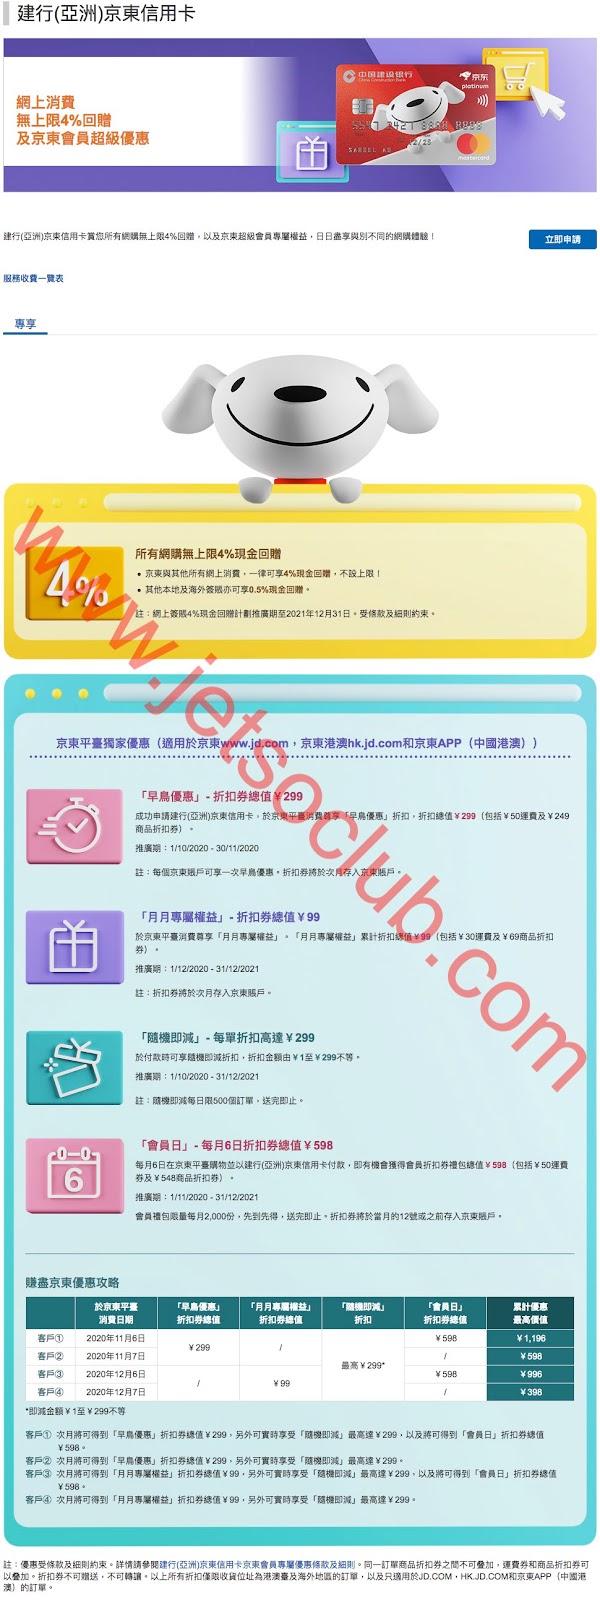 建行京東信用卡:京東平臺優惠 / 網上消費 無上限4%回贈 ( Jetso Club 著數俱樂部 )